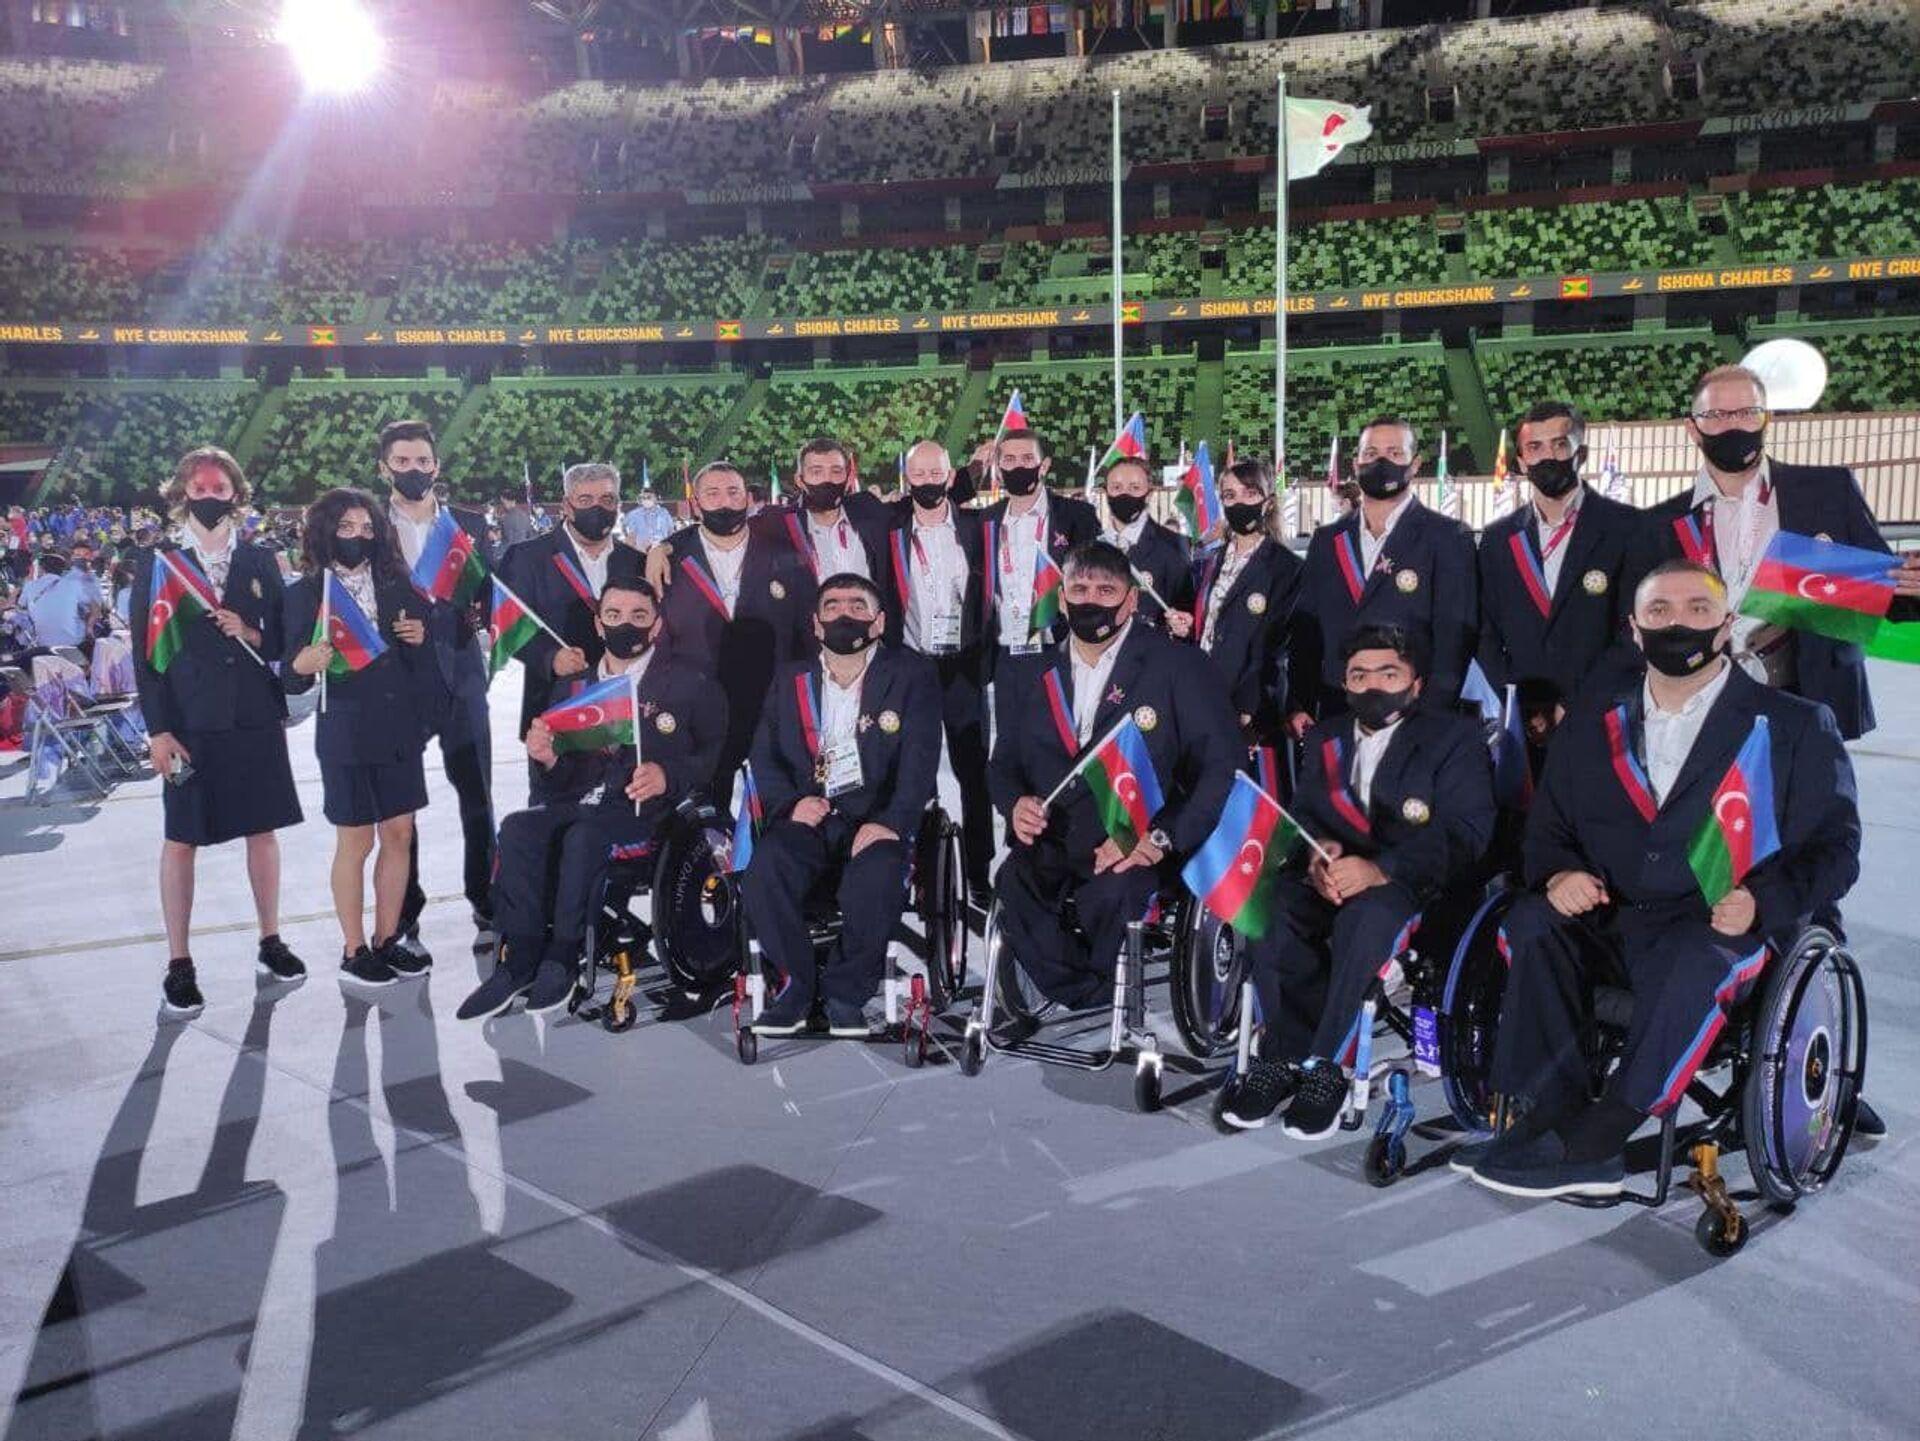 Azərbaycan paralimpiyaçıları Tokio 2020 XVI Yay Paralimpiya Oyunlarının açılış mərasimi  - Sputnik Azərbaycan, 1920, 01.10.2021